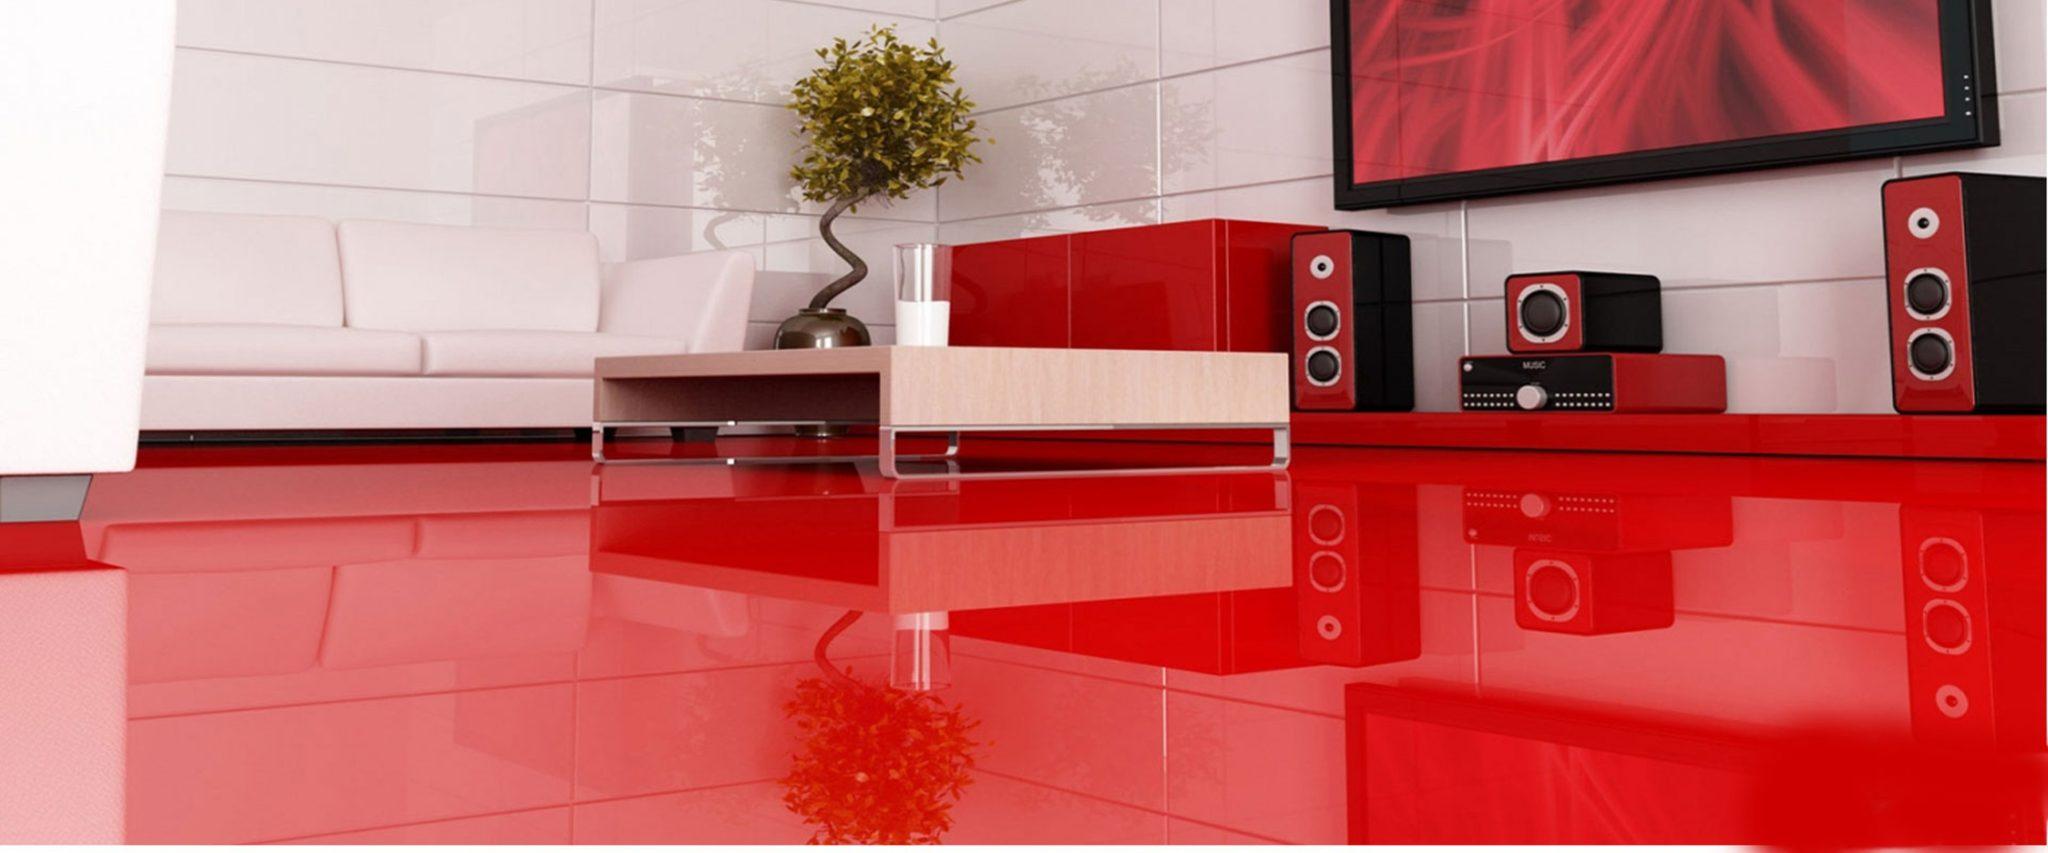 Жидкие напольные покрытия. Красный цвет наливного пола. Фото